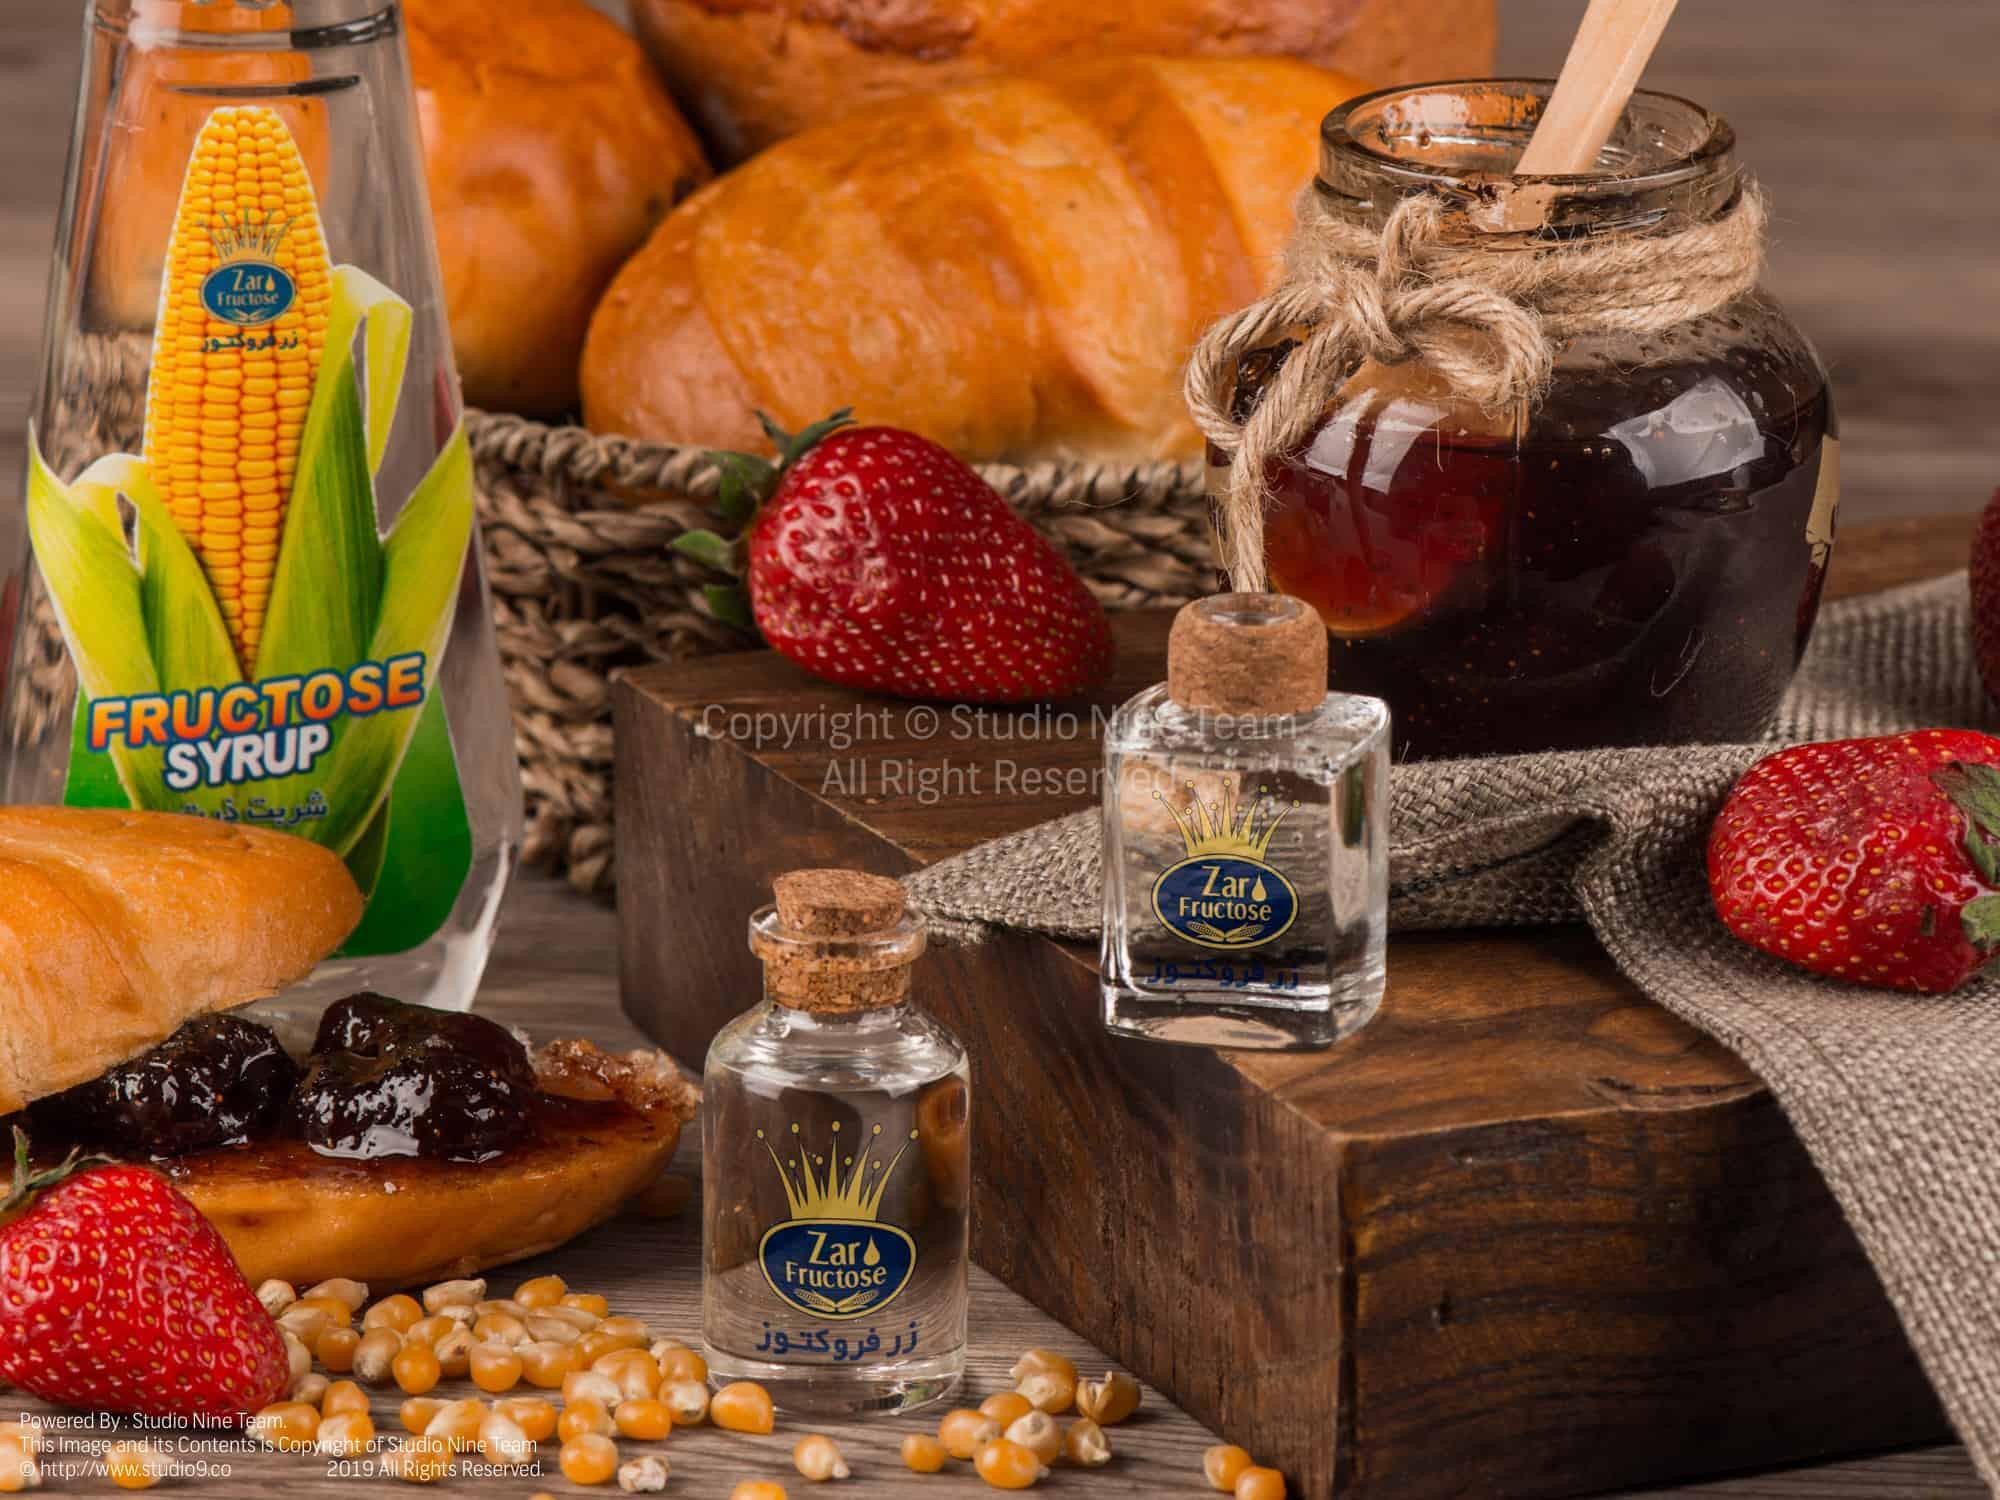 عکاسی تبلیغاتی و دکوراتیو | عکاسی غذایی | عکاسی تبلیغاتی محصولات شرکت زر فروکتوز در استودیو ناین